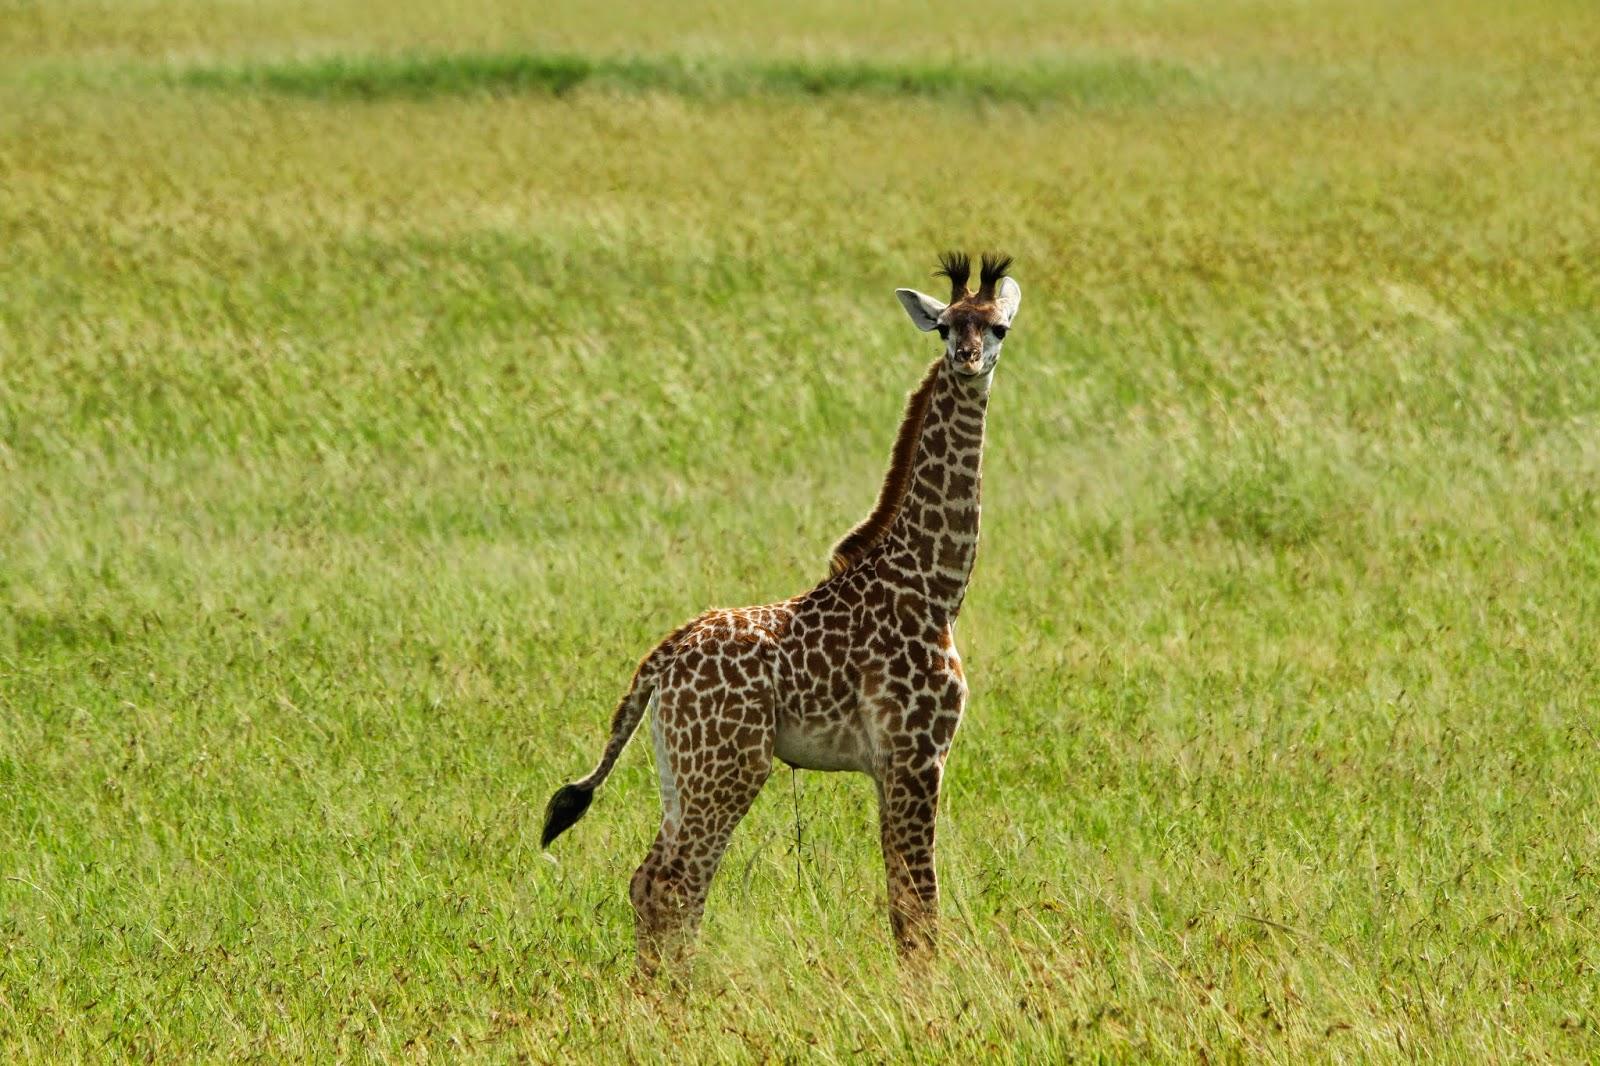 Ver GIRAFAS NO SERENGETI e testemunhar as maravilhas estes animais encantadores | Tanzânia